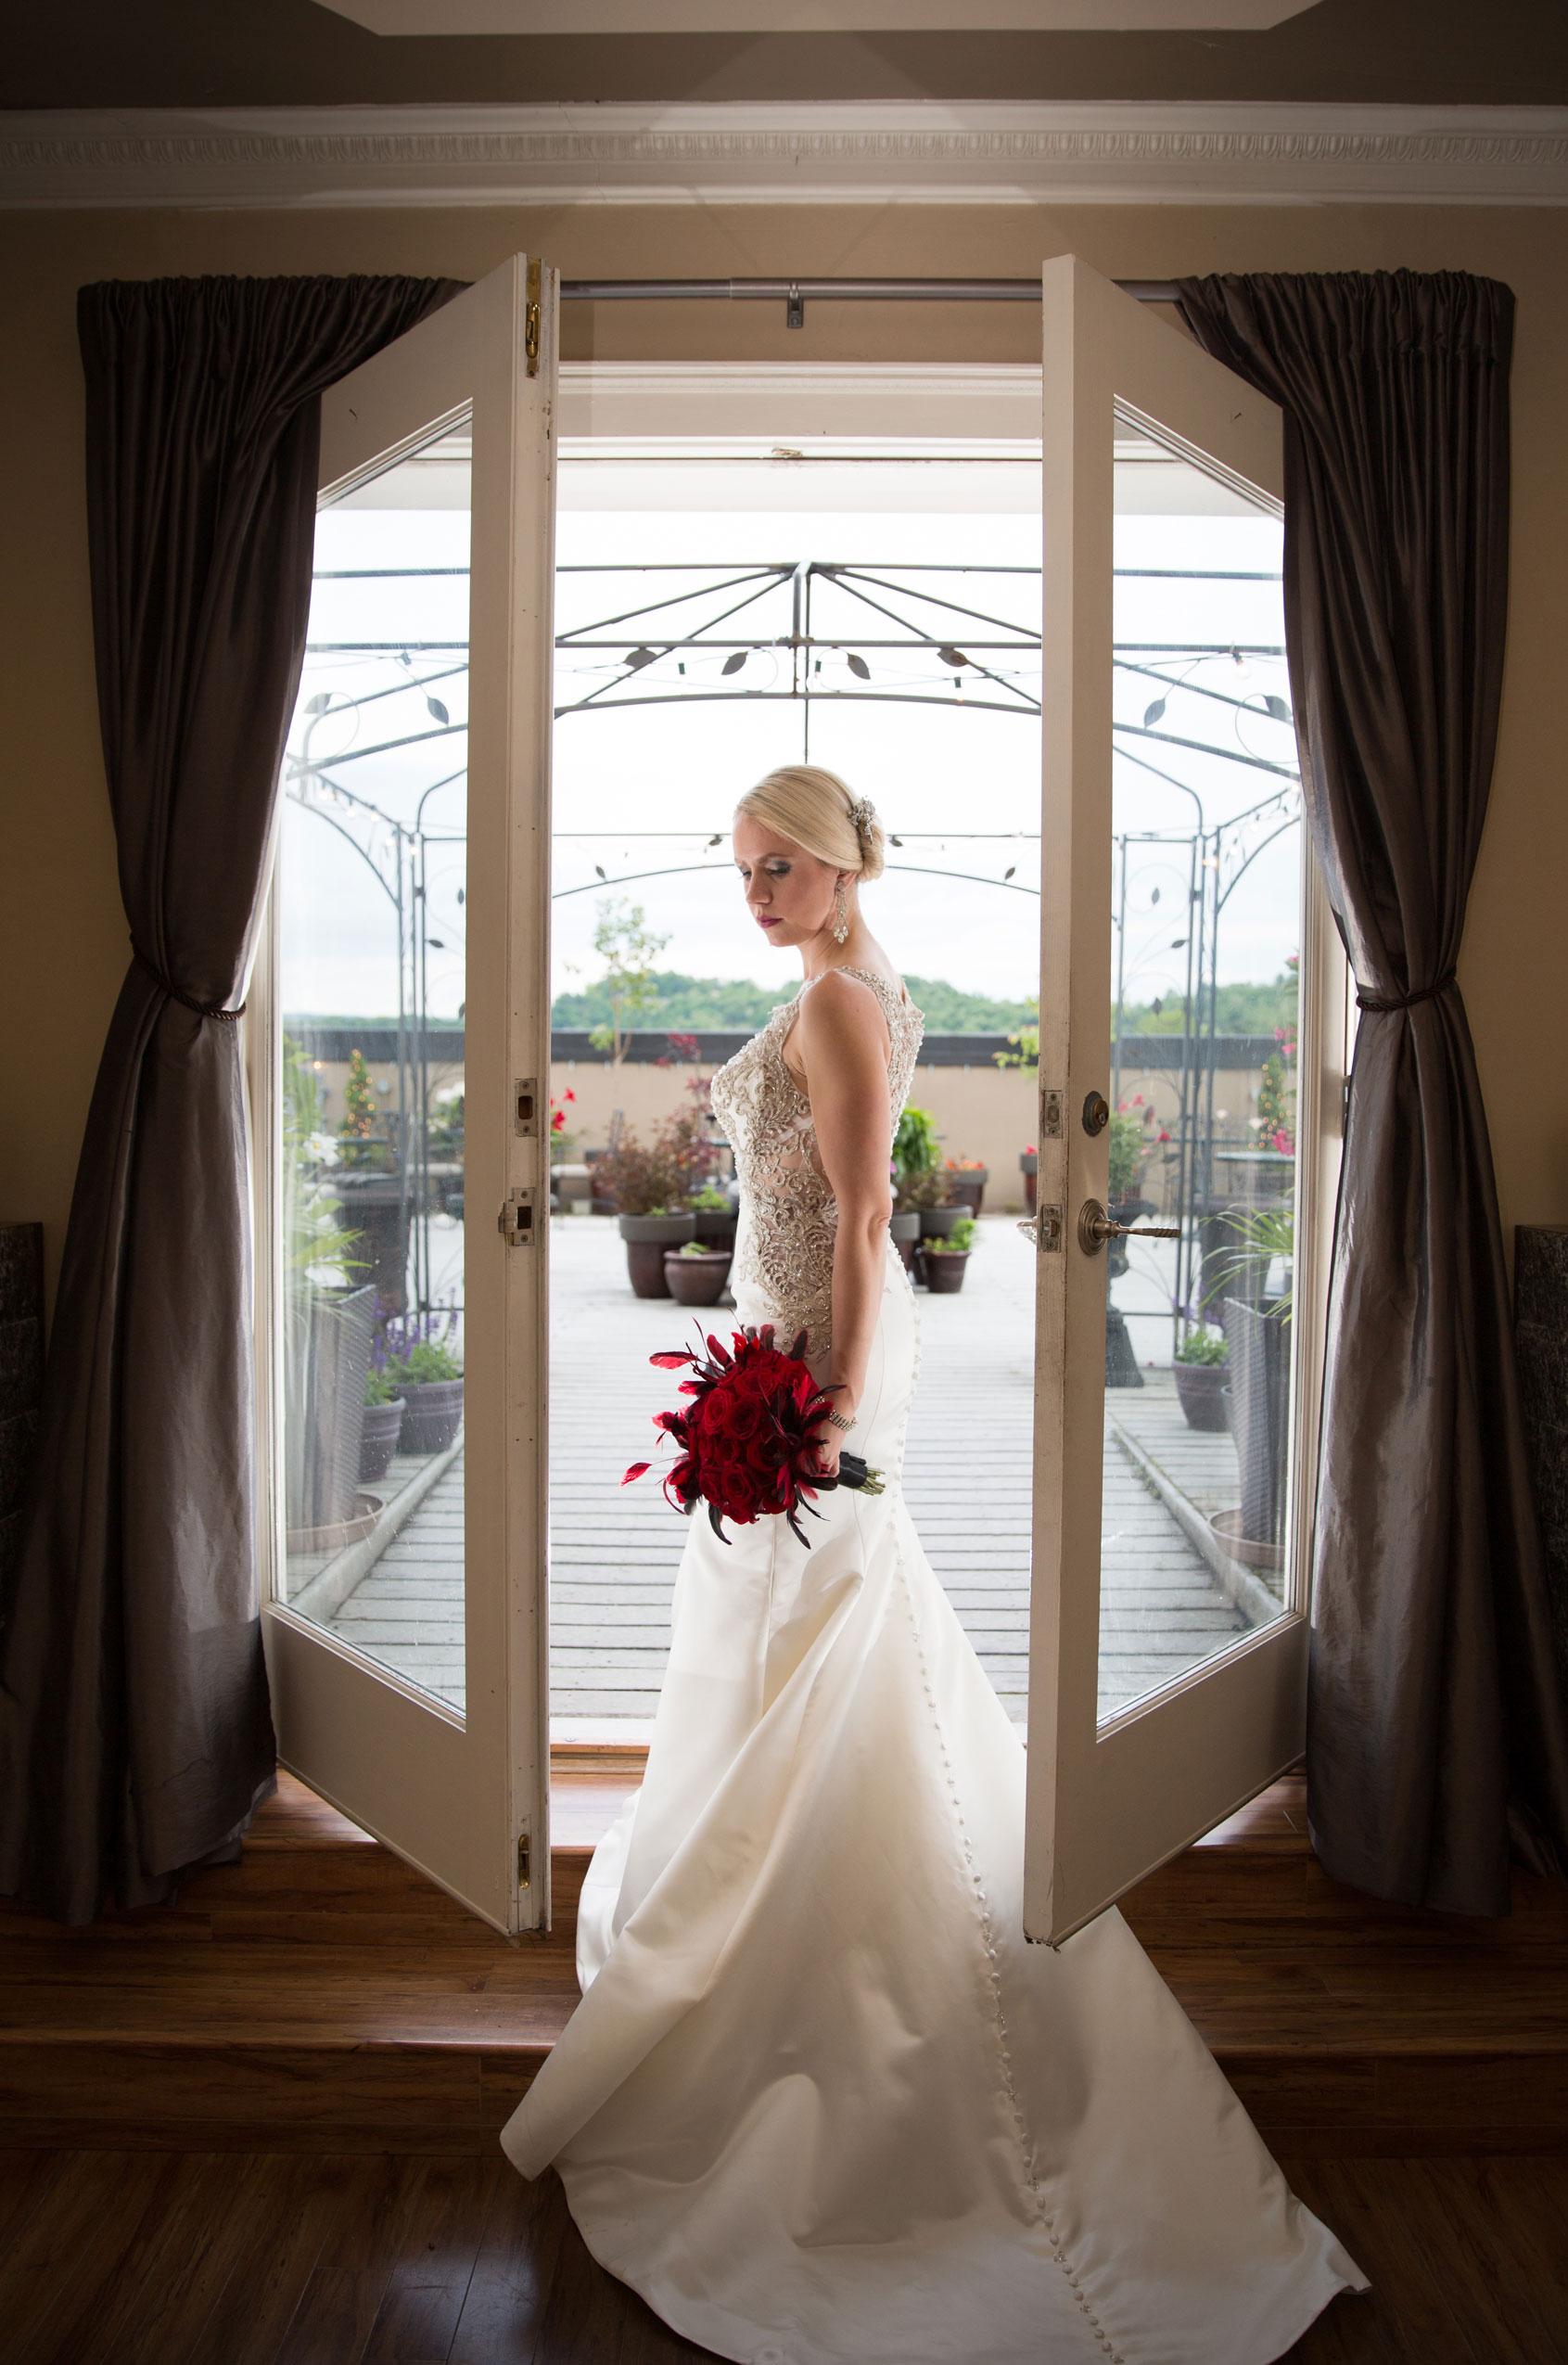 kg-bride-doorway.jpg